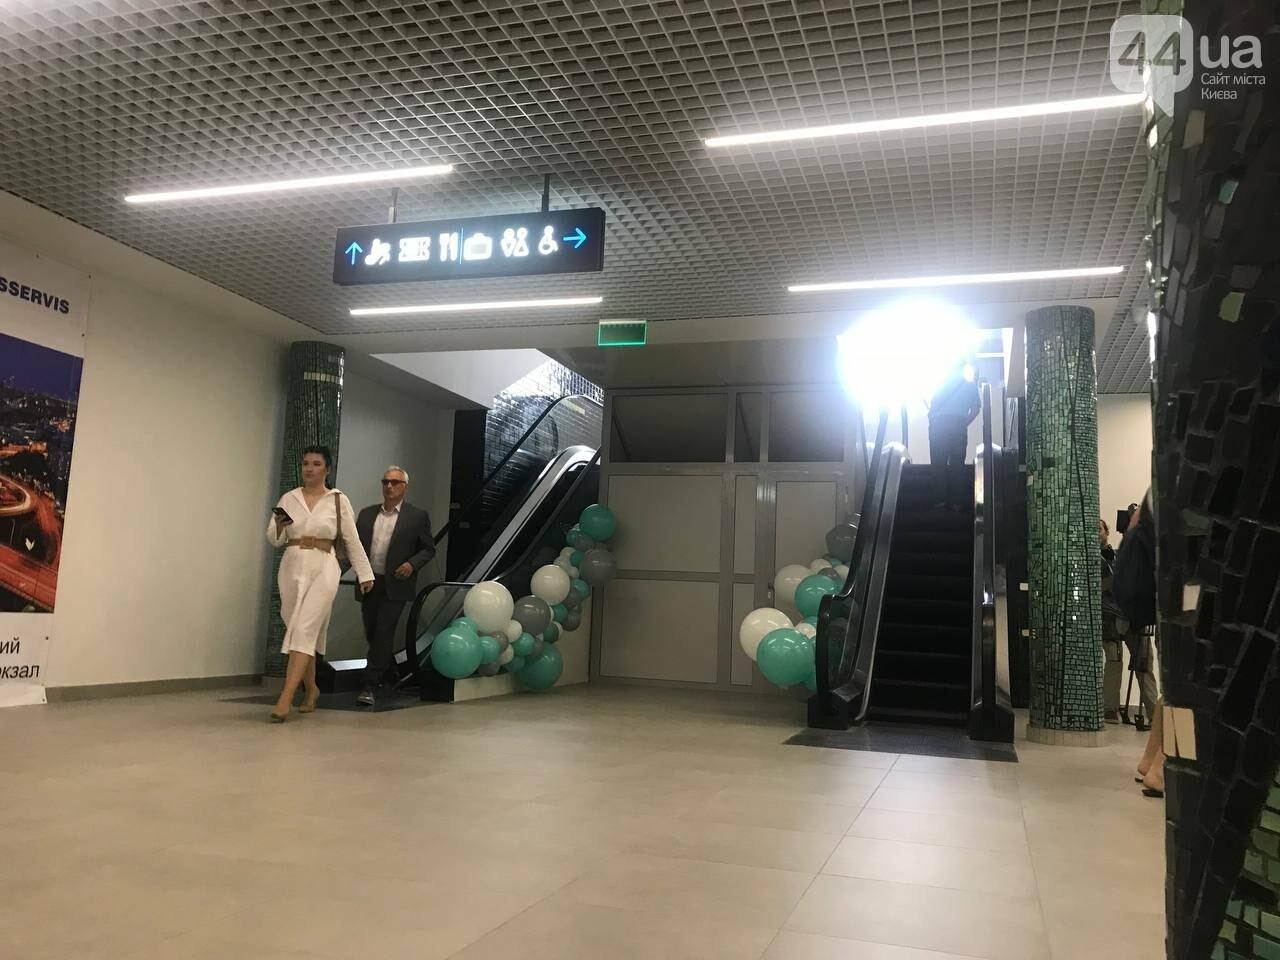 В Киеве после реконструкции открыли Центральній автовокзал, Фото: 44.ua